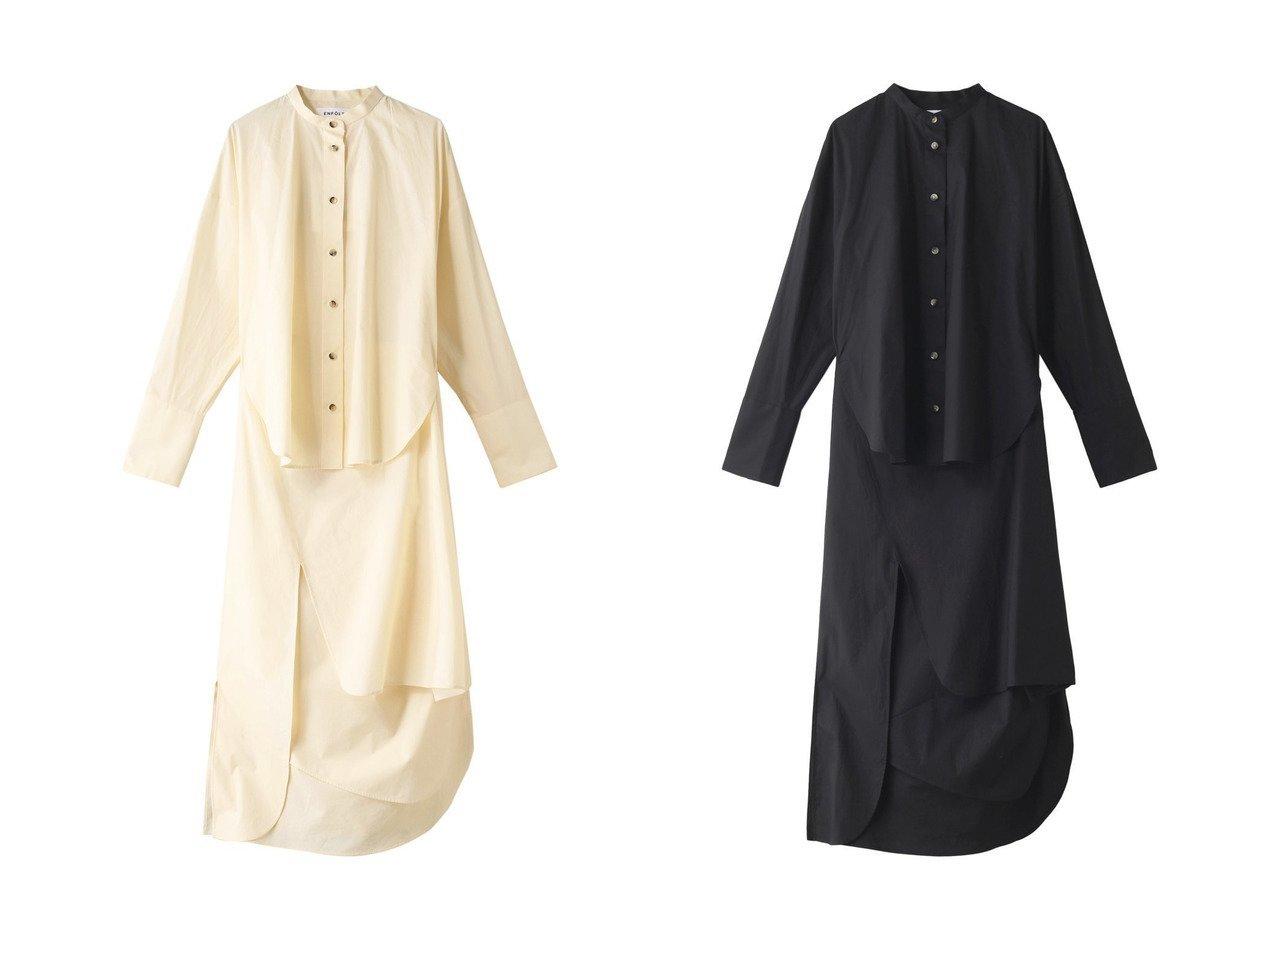 【ENFOLD/エンフォルド】のCOブロード レイヤーシャツ ドレス・ワンピース&SOMELOS レイヤーシャツ ドレス・ワンピース ENFOLDのおすすめ!人気、トレンド・レディースファッションの通販 おすすめで人気の流行・トレンド、ファッションの通販商品 メンズファッション・キッズファッション・インテリア・家具・レディースファッション・服の通販 founy(ファニー) https://founy.com/ ファッション Fashion レディースファッション WOMEN ワンピース Dress ドレス Party Dresses 2021年 2021 2021 春夏 S/S SS Spring/Summer 2021 S/S 春夏 SS Spring/Summer なめらか ドレス ブロード ロング 春 Spring  ID:crp329100000019035